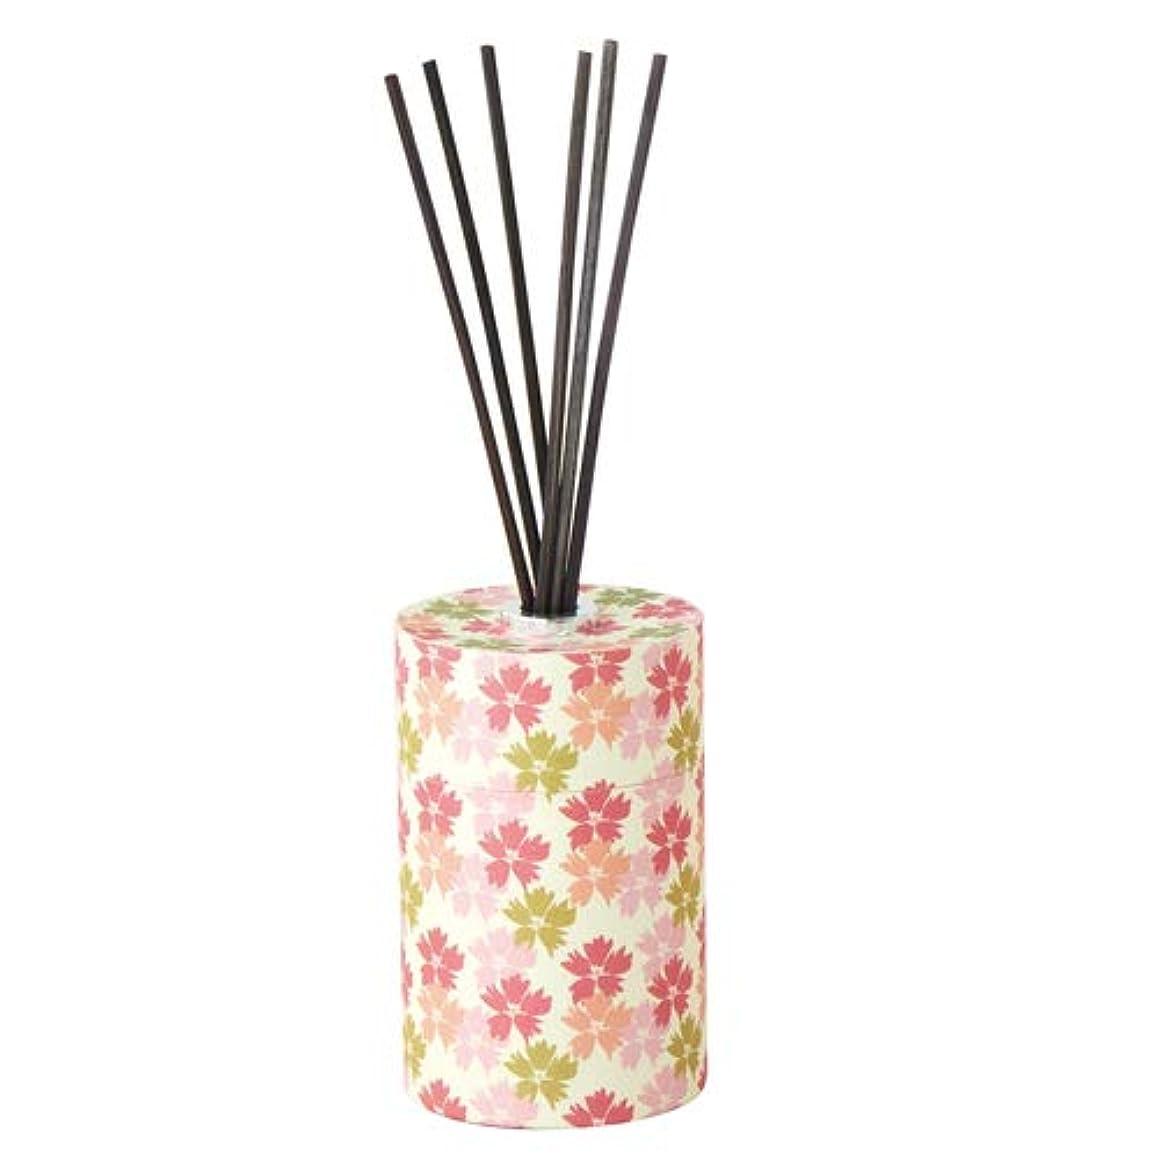 蓄積するガムドライ和遊ディフューザー 桜の香り 1個